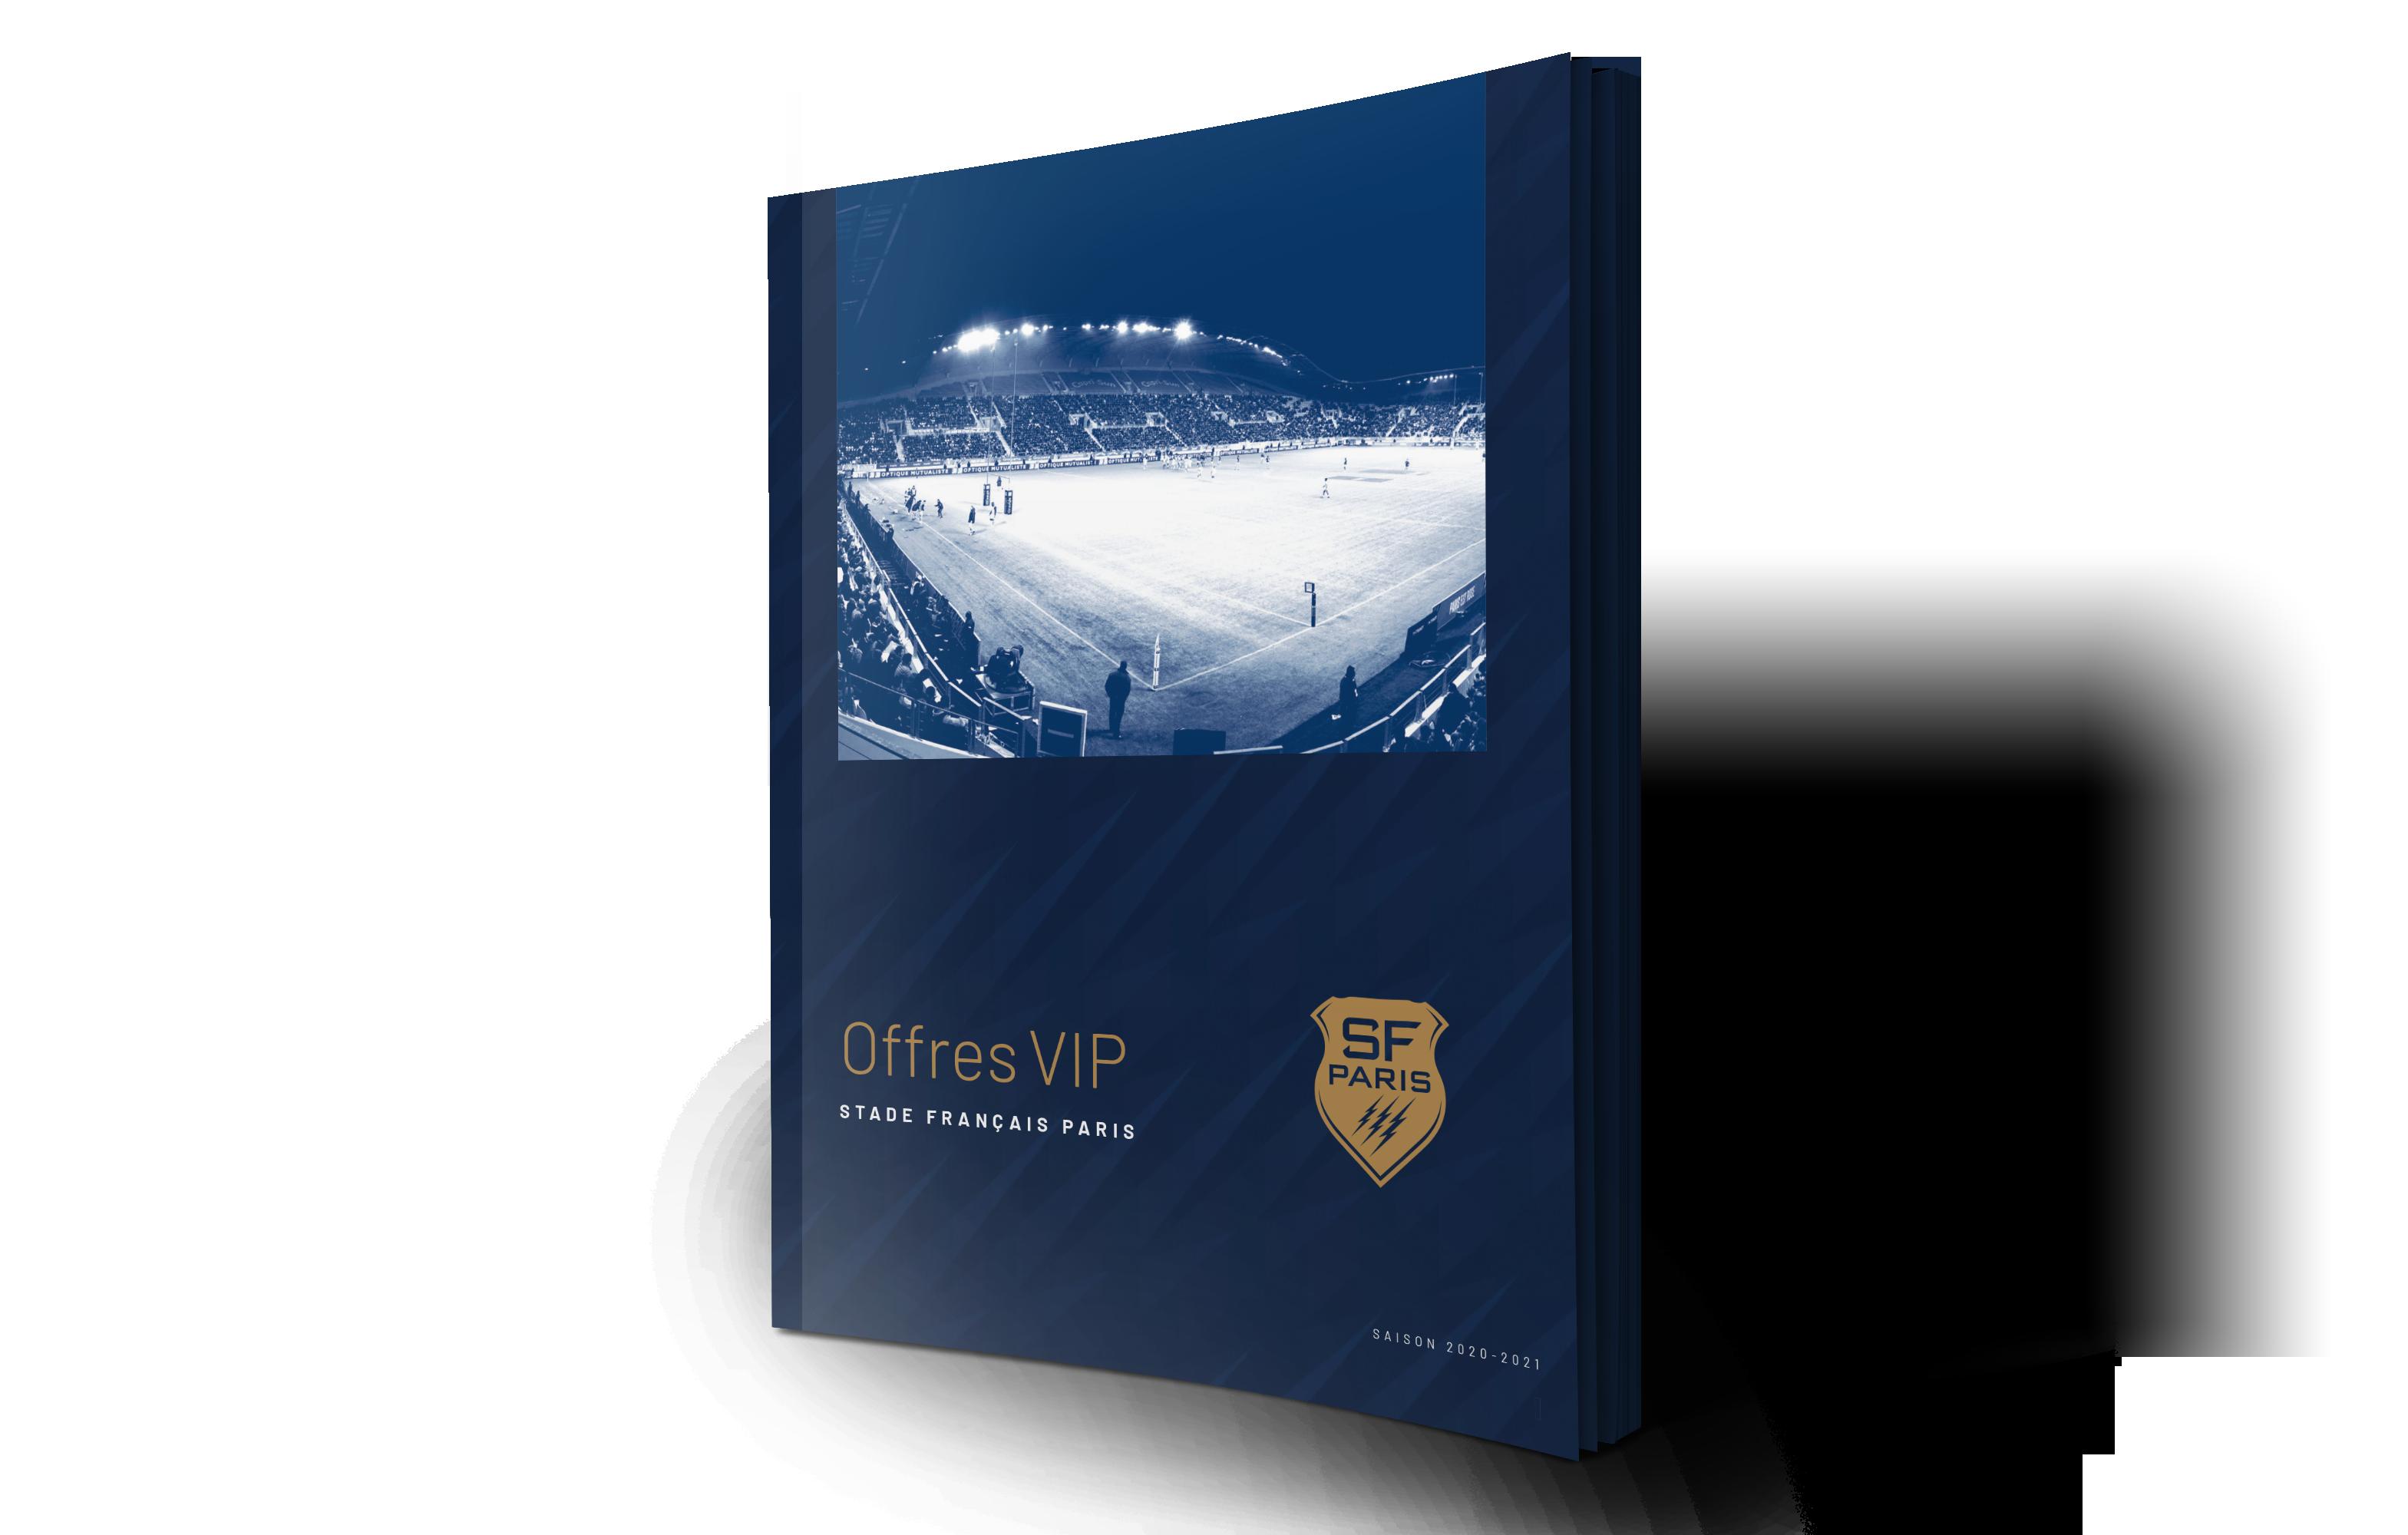 02-Plaquette_SFP-couv-VIP